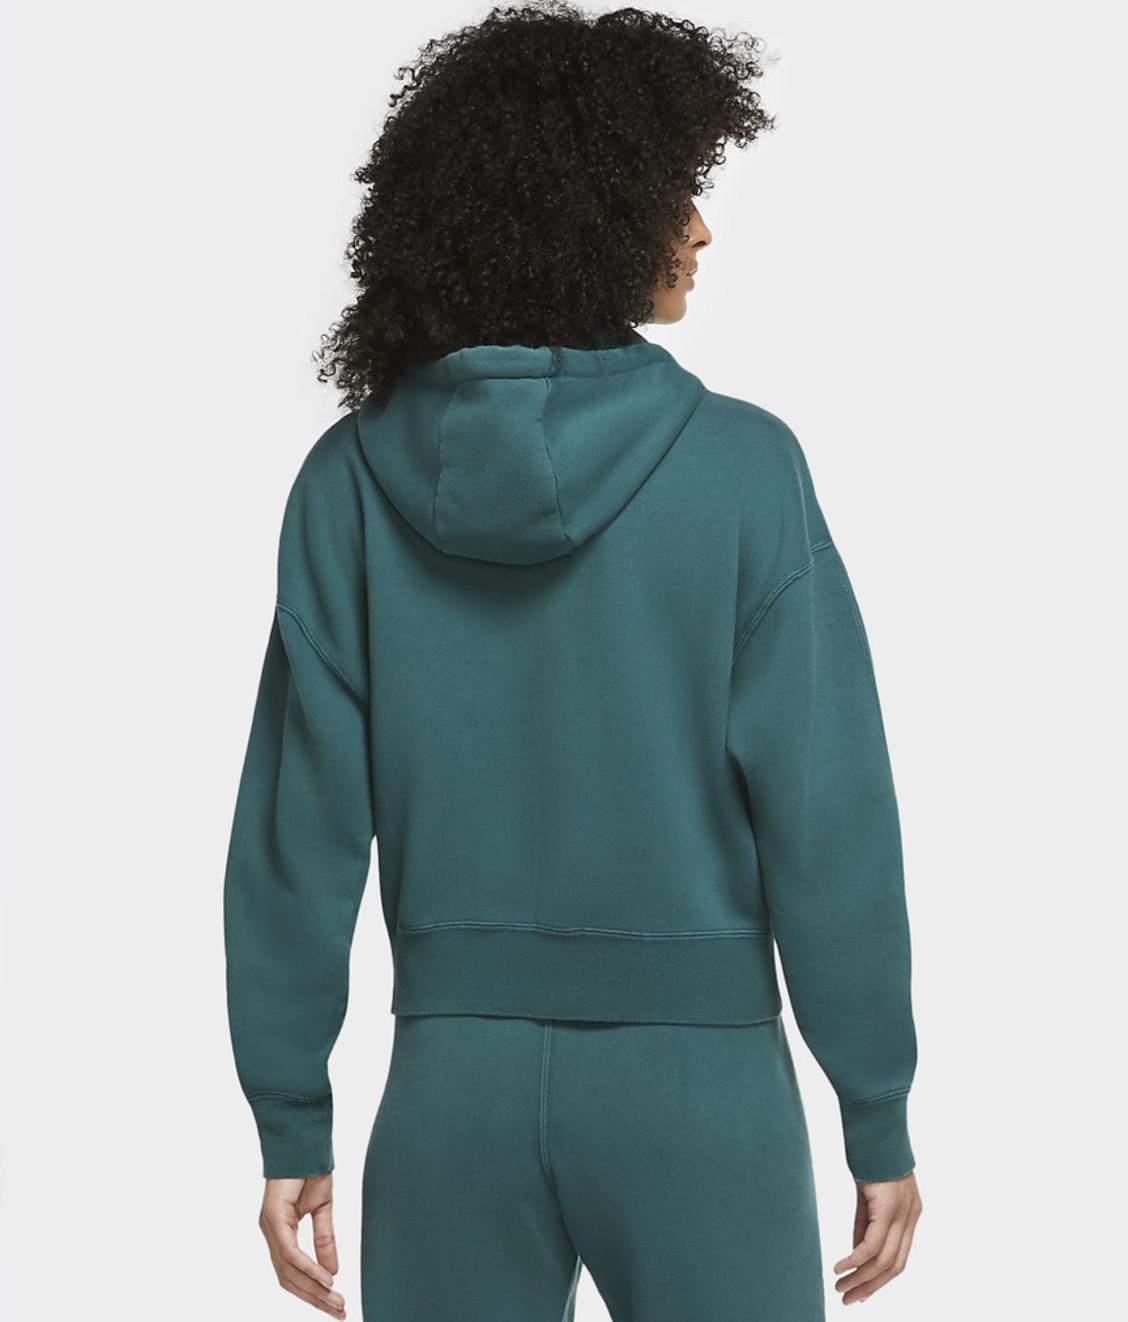 Nike Jordan Flight Fleece Hoodie Atomic Teal